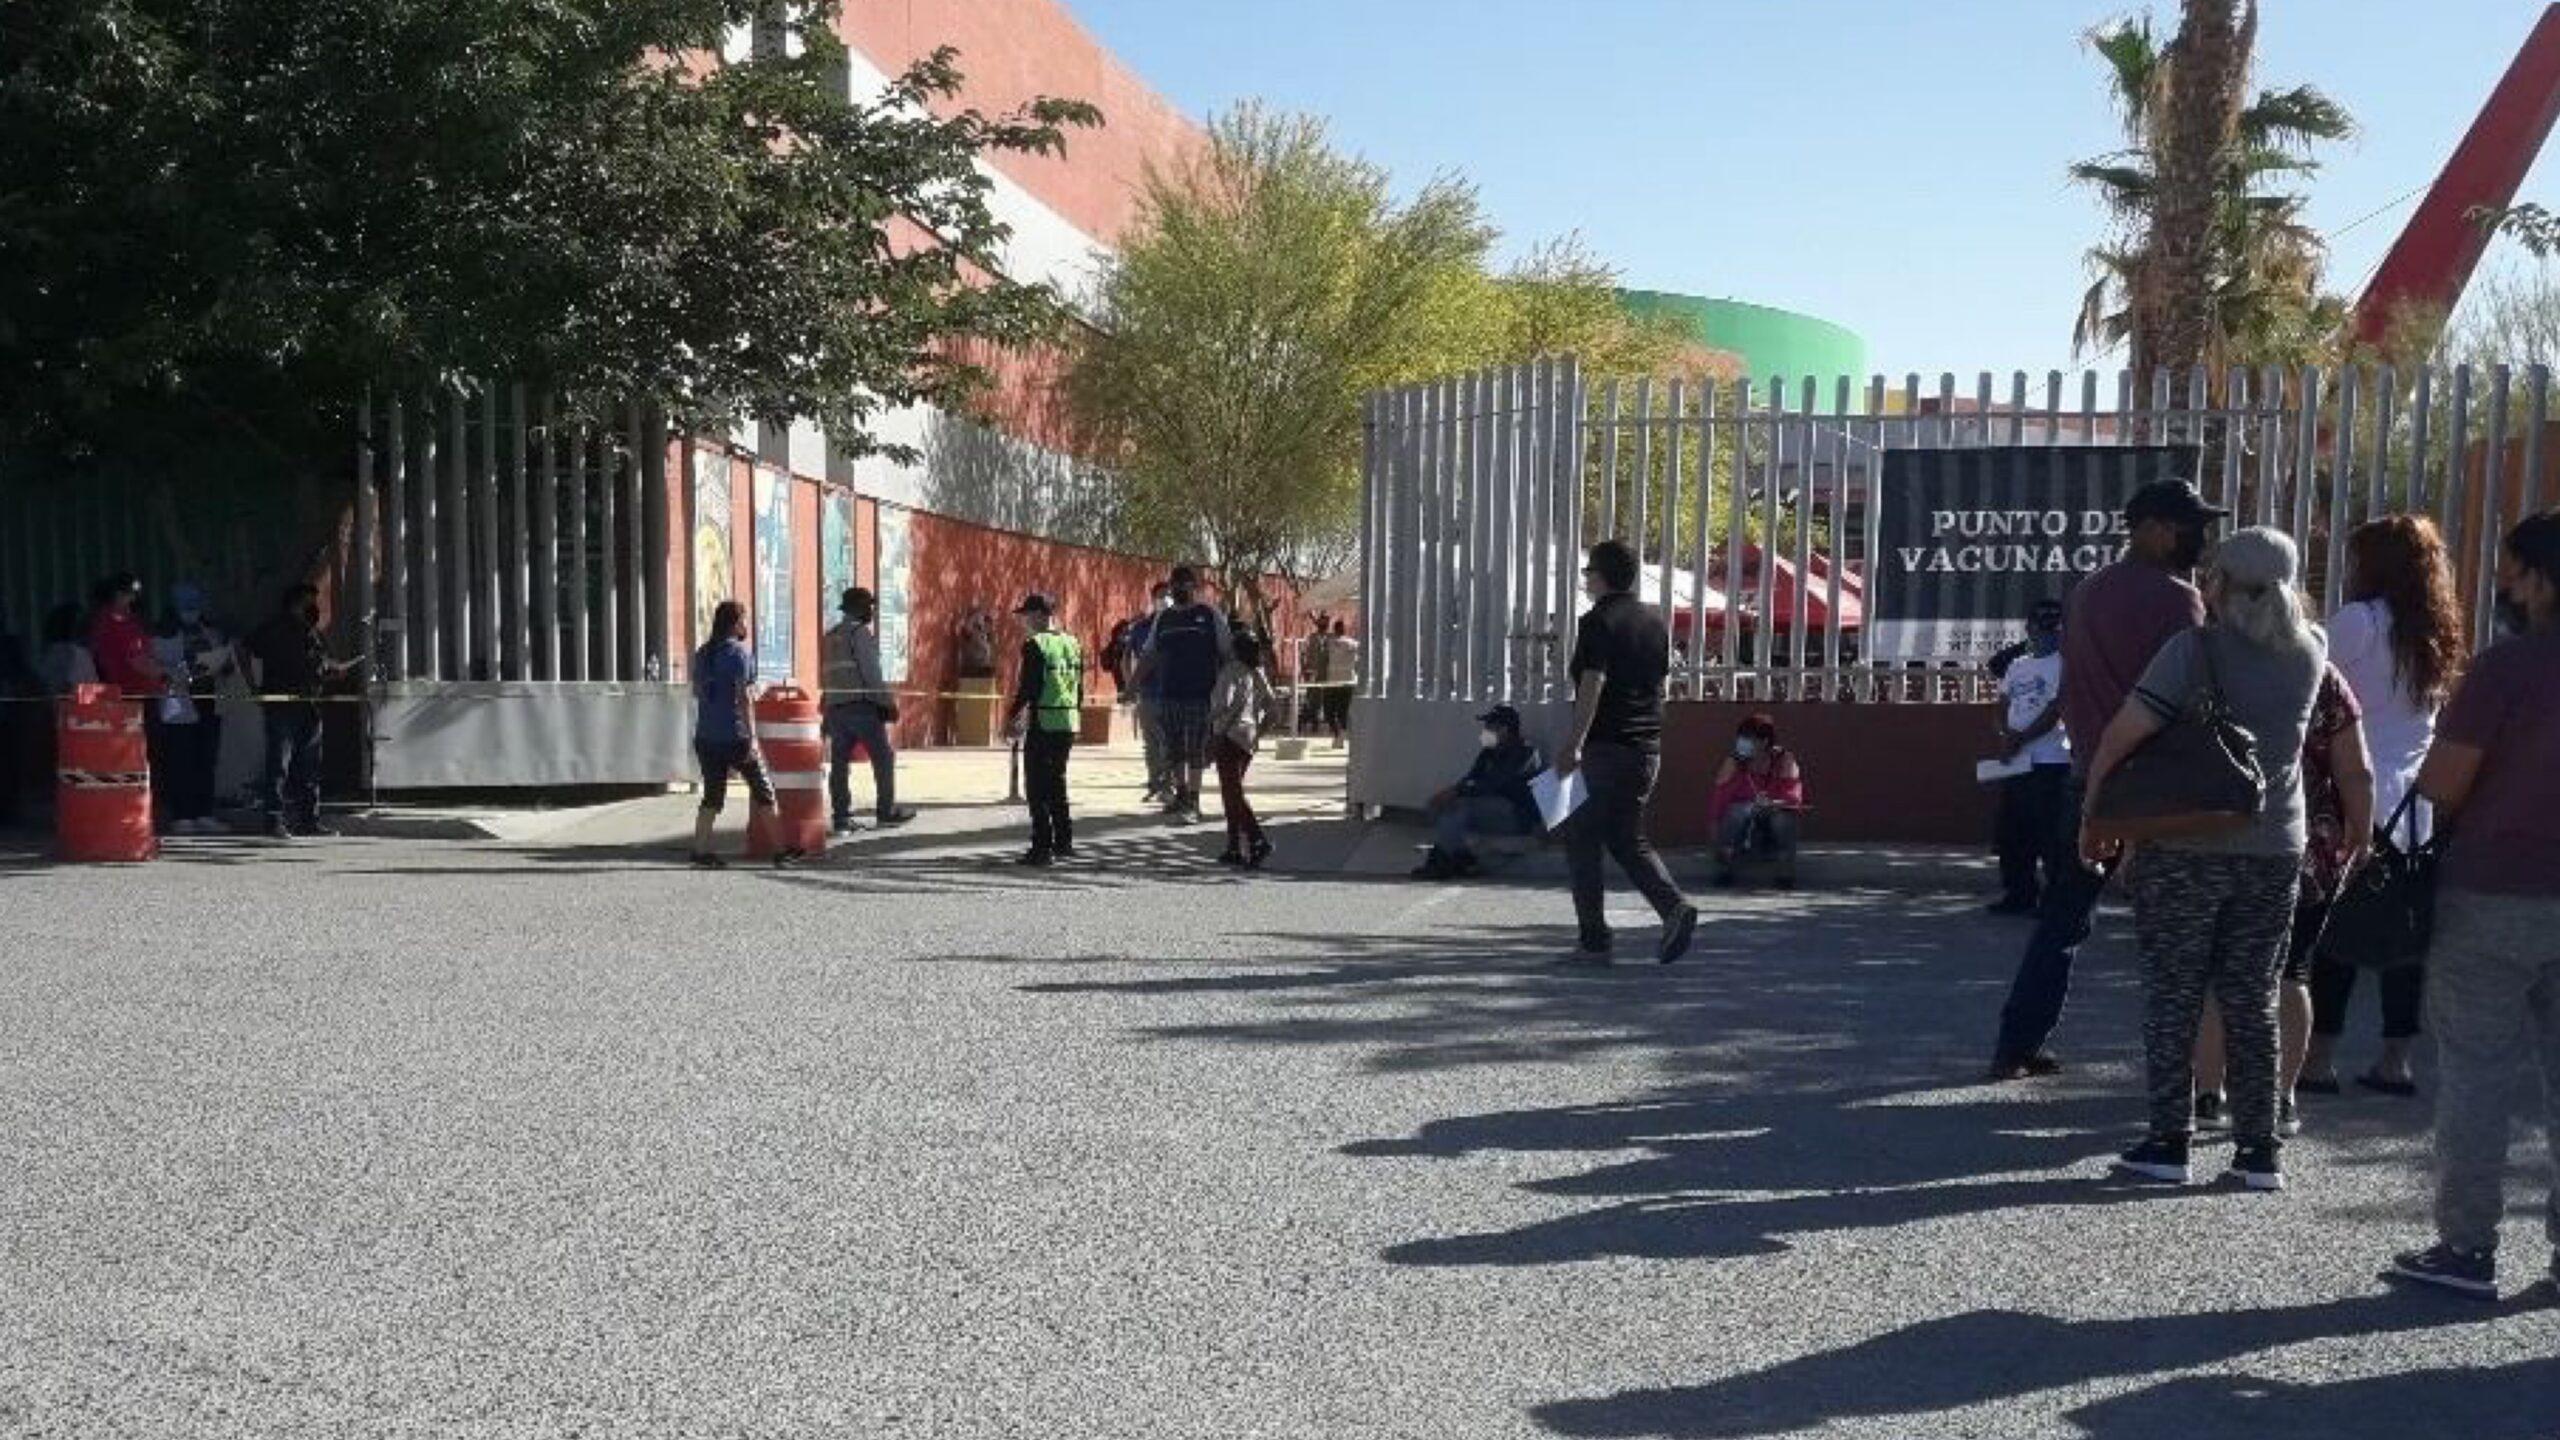 Vacunación en Ciudad Juarez, imagen colaboración especial fotógrafo Jorge Romero